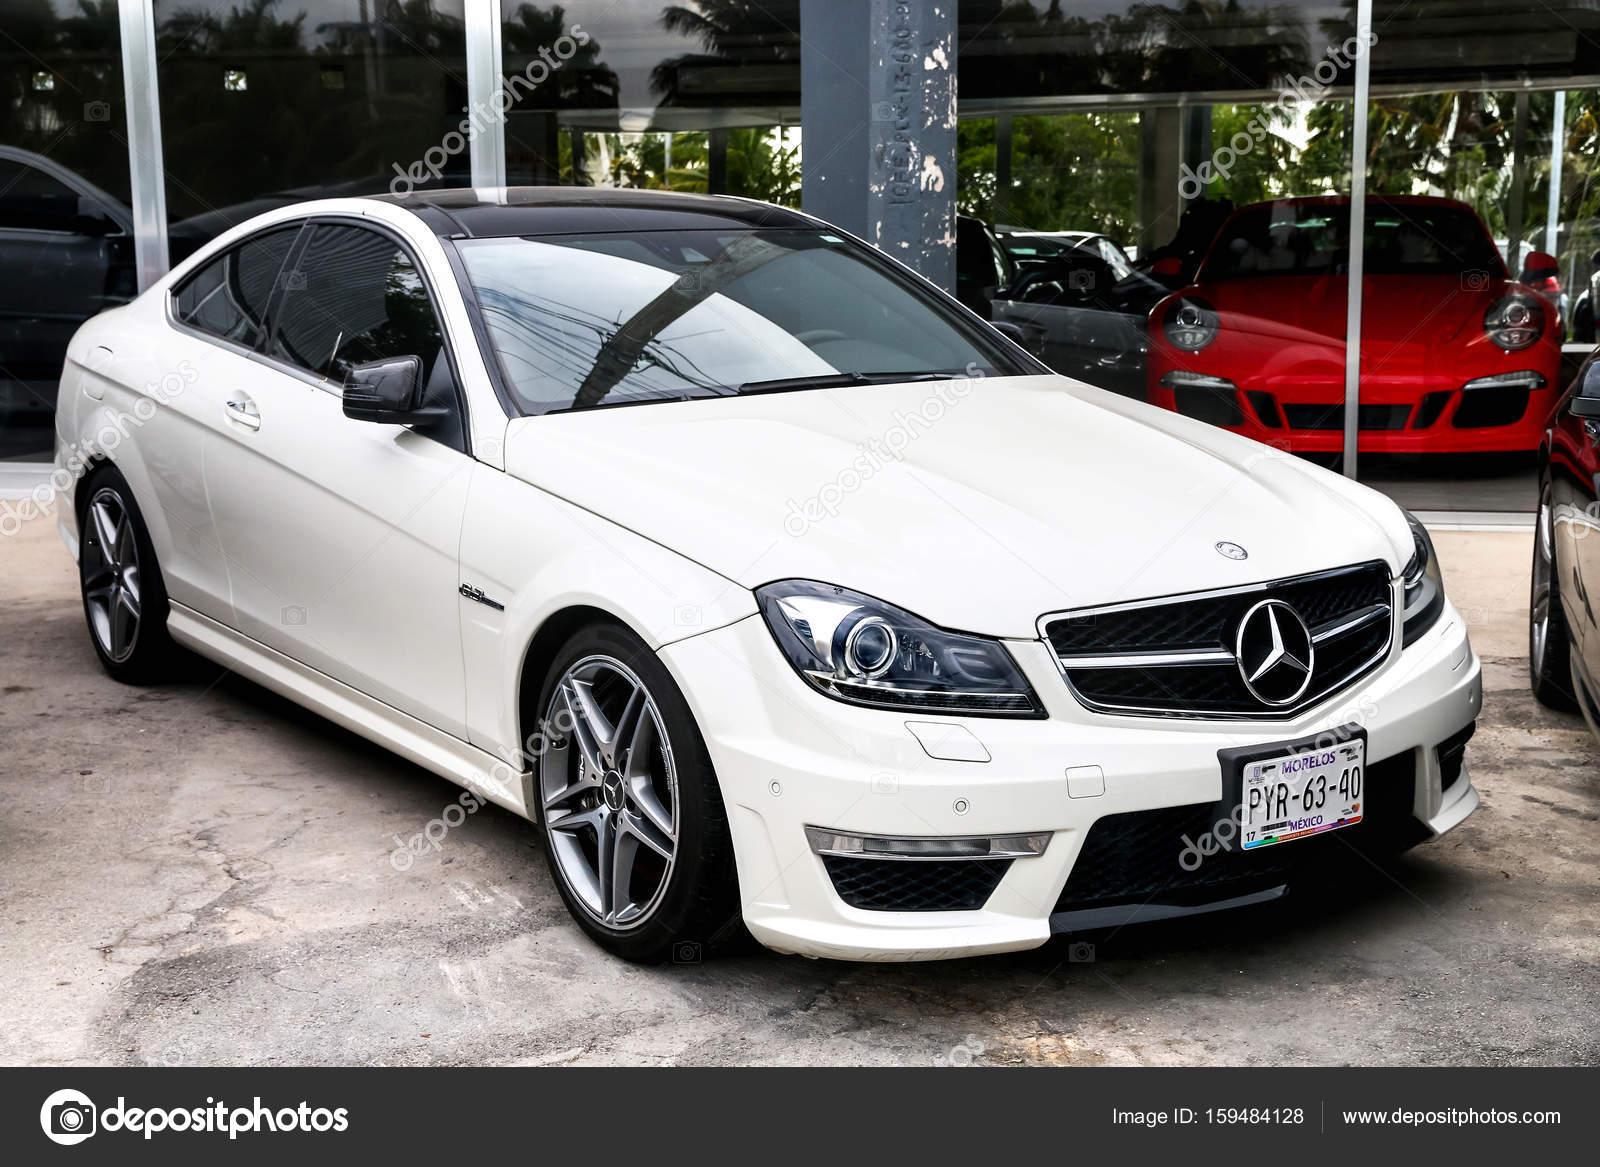 Mercedes Benz C63 Amg U2014 Fotografia De Stock